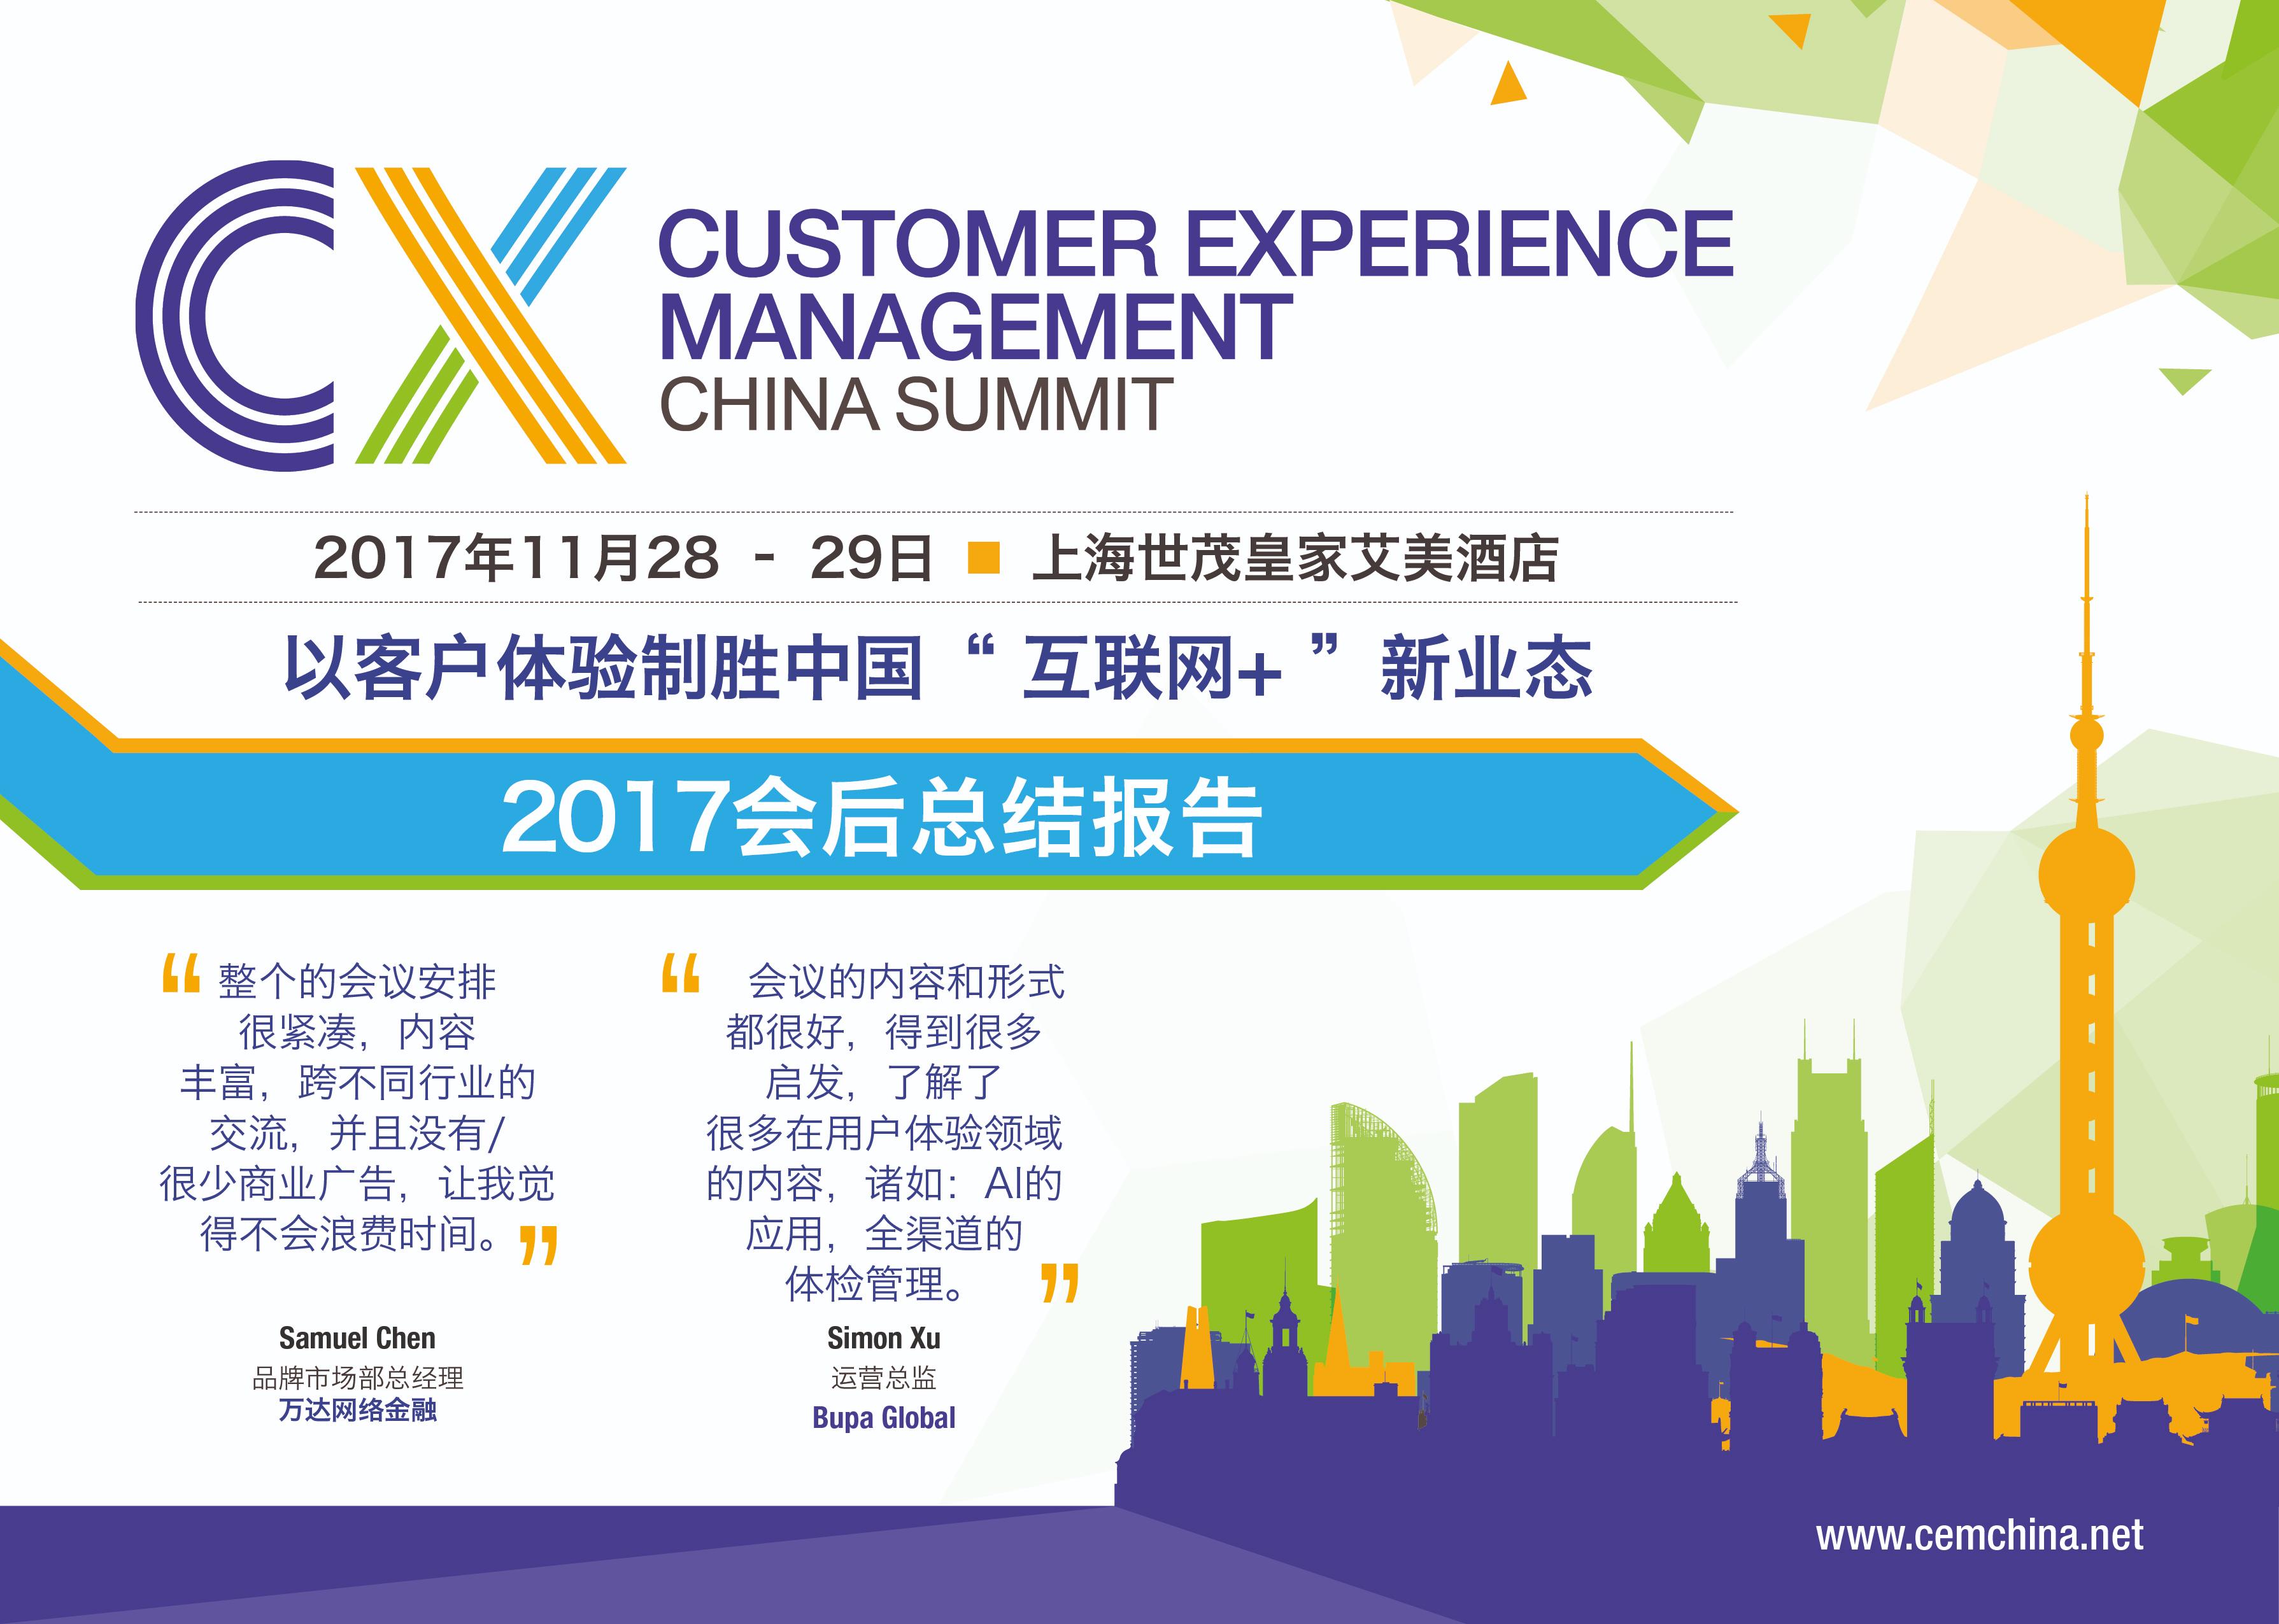 2017客户体验管理中国峰会会后报告